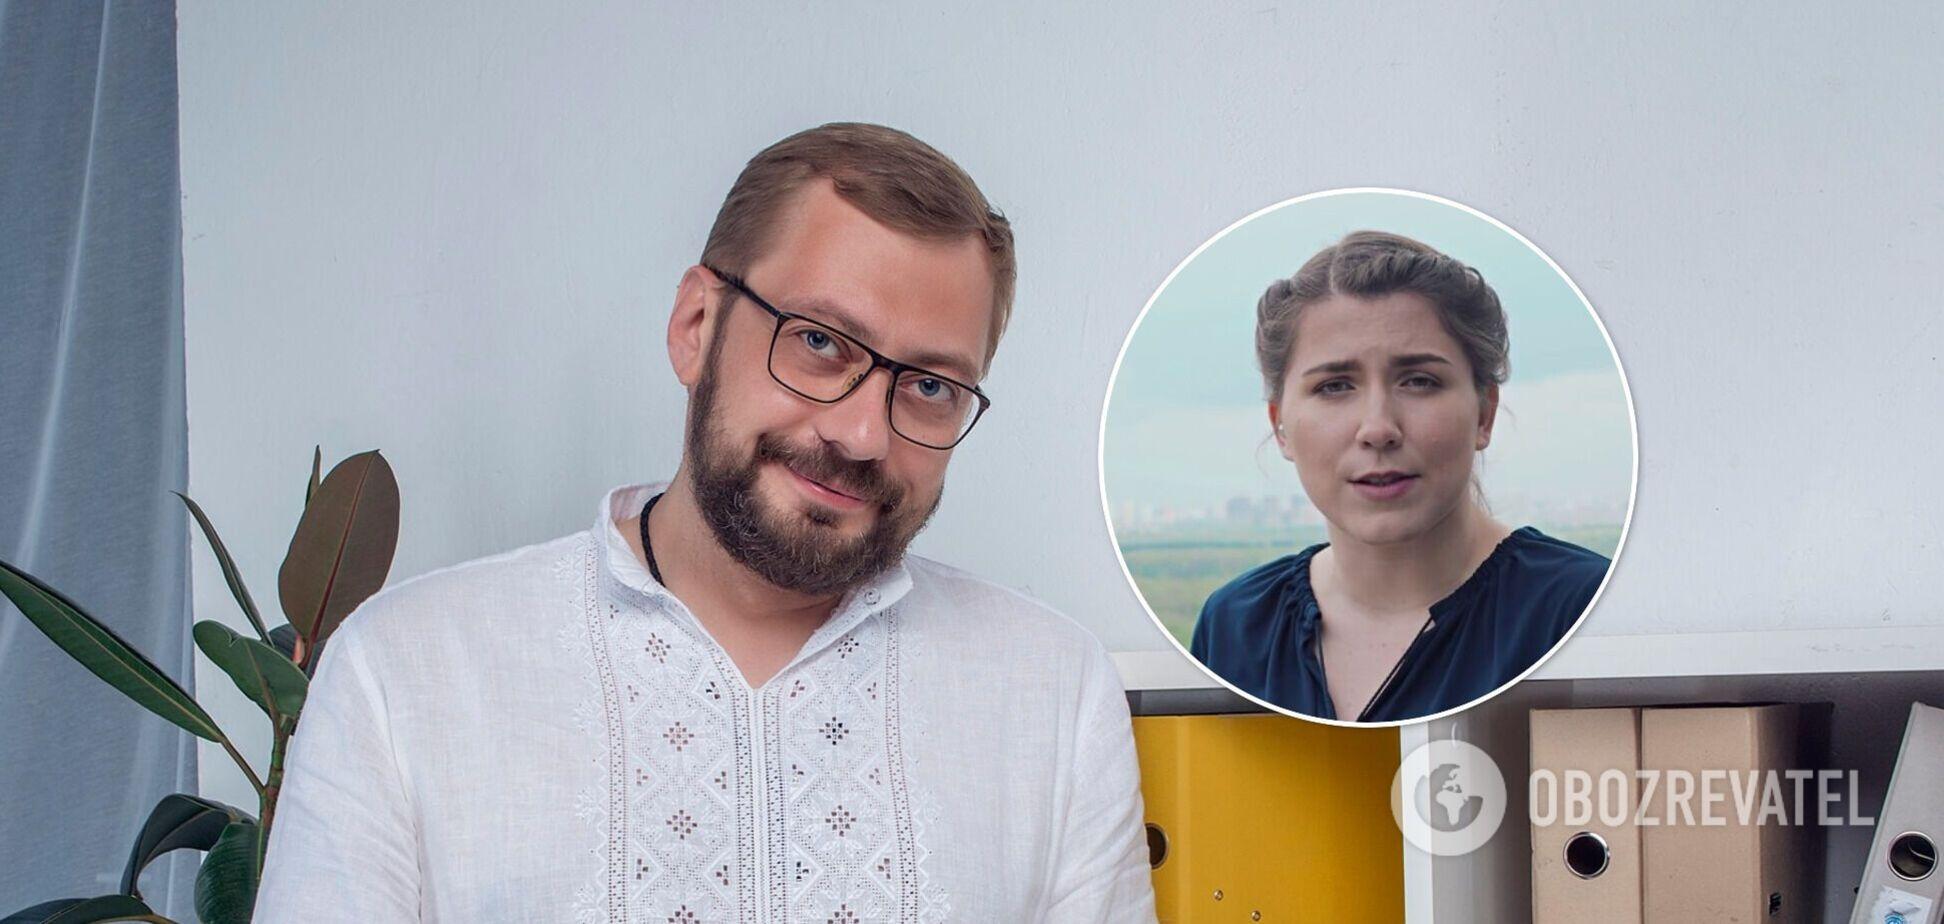 Чаус сменит Коваленко на должности главы Черниговской ОГА